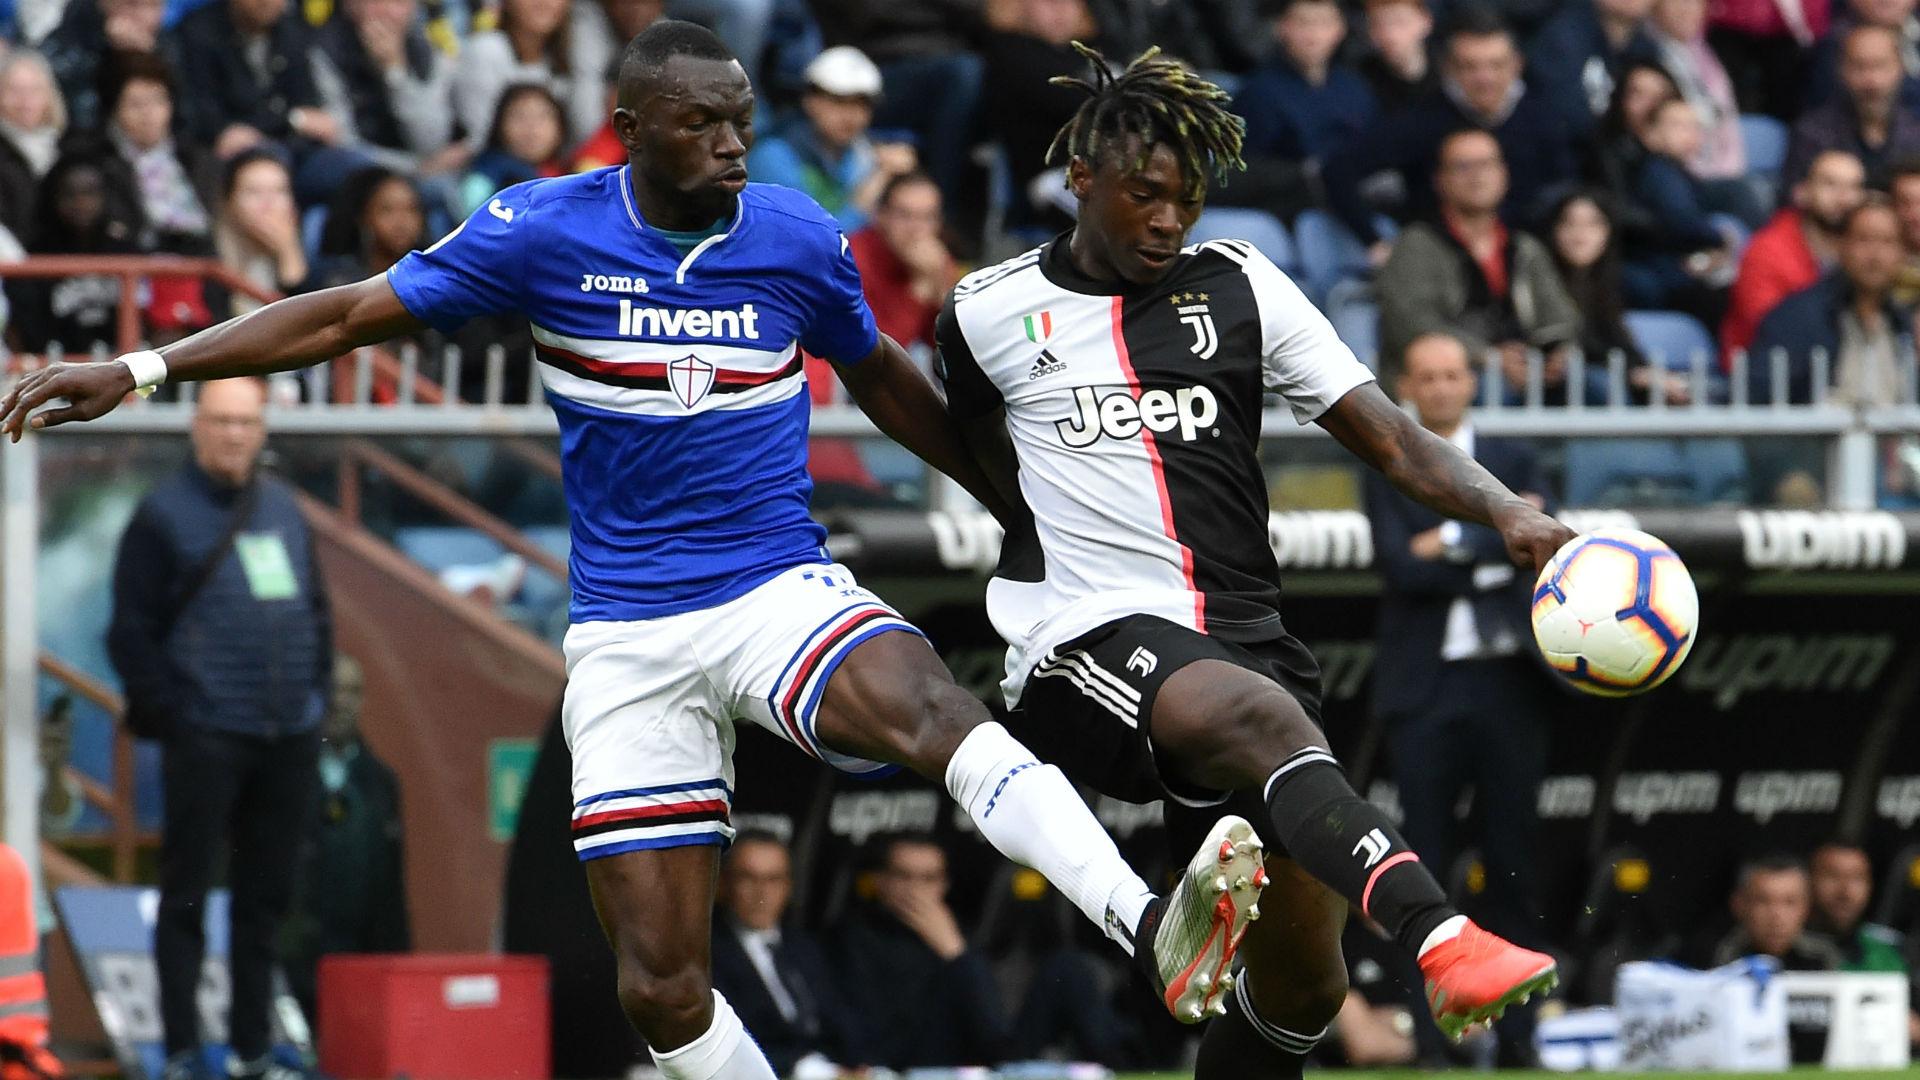 Sampdoria 2 Juventus 0: Allegri suffers late defeat in final game